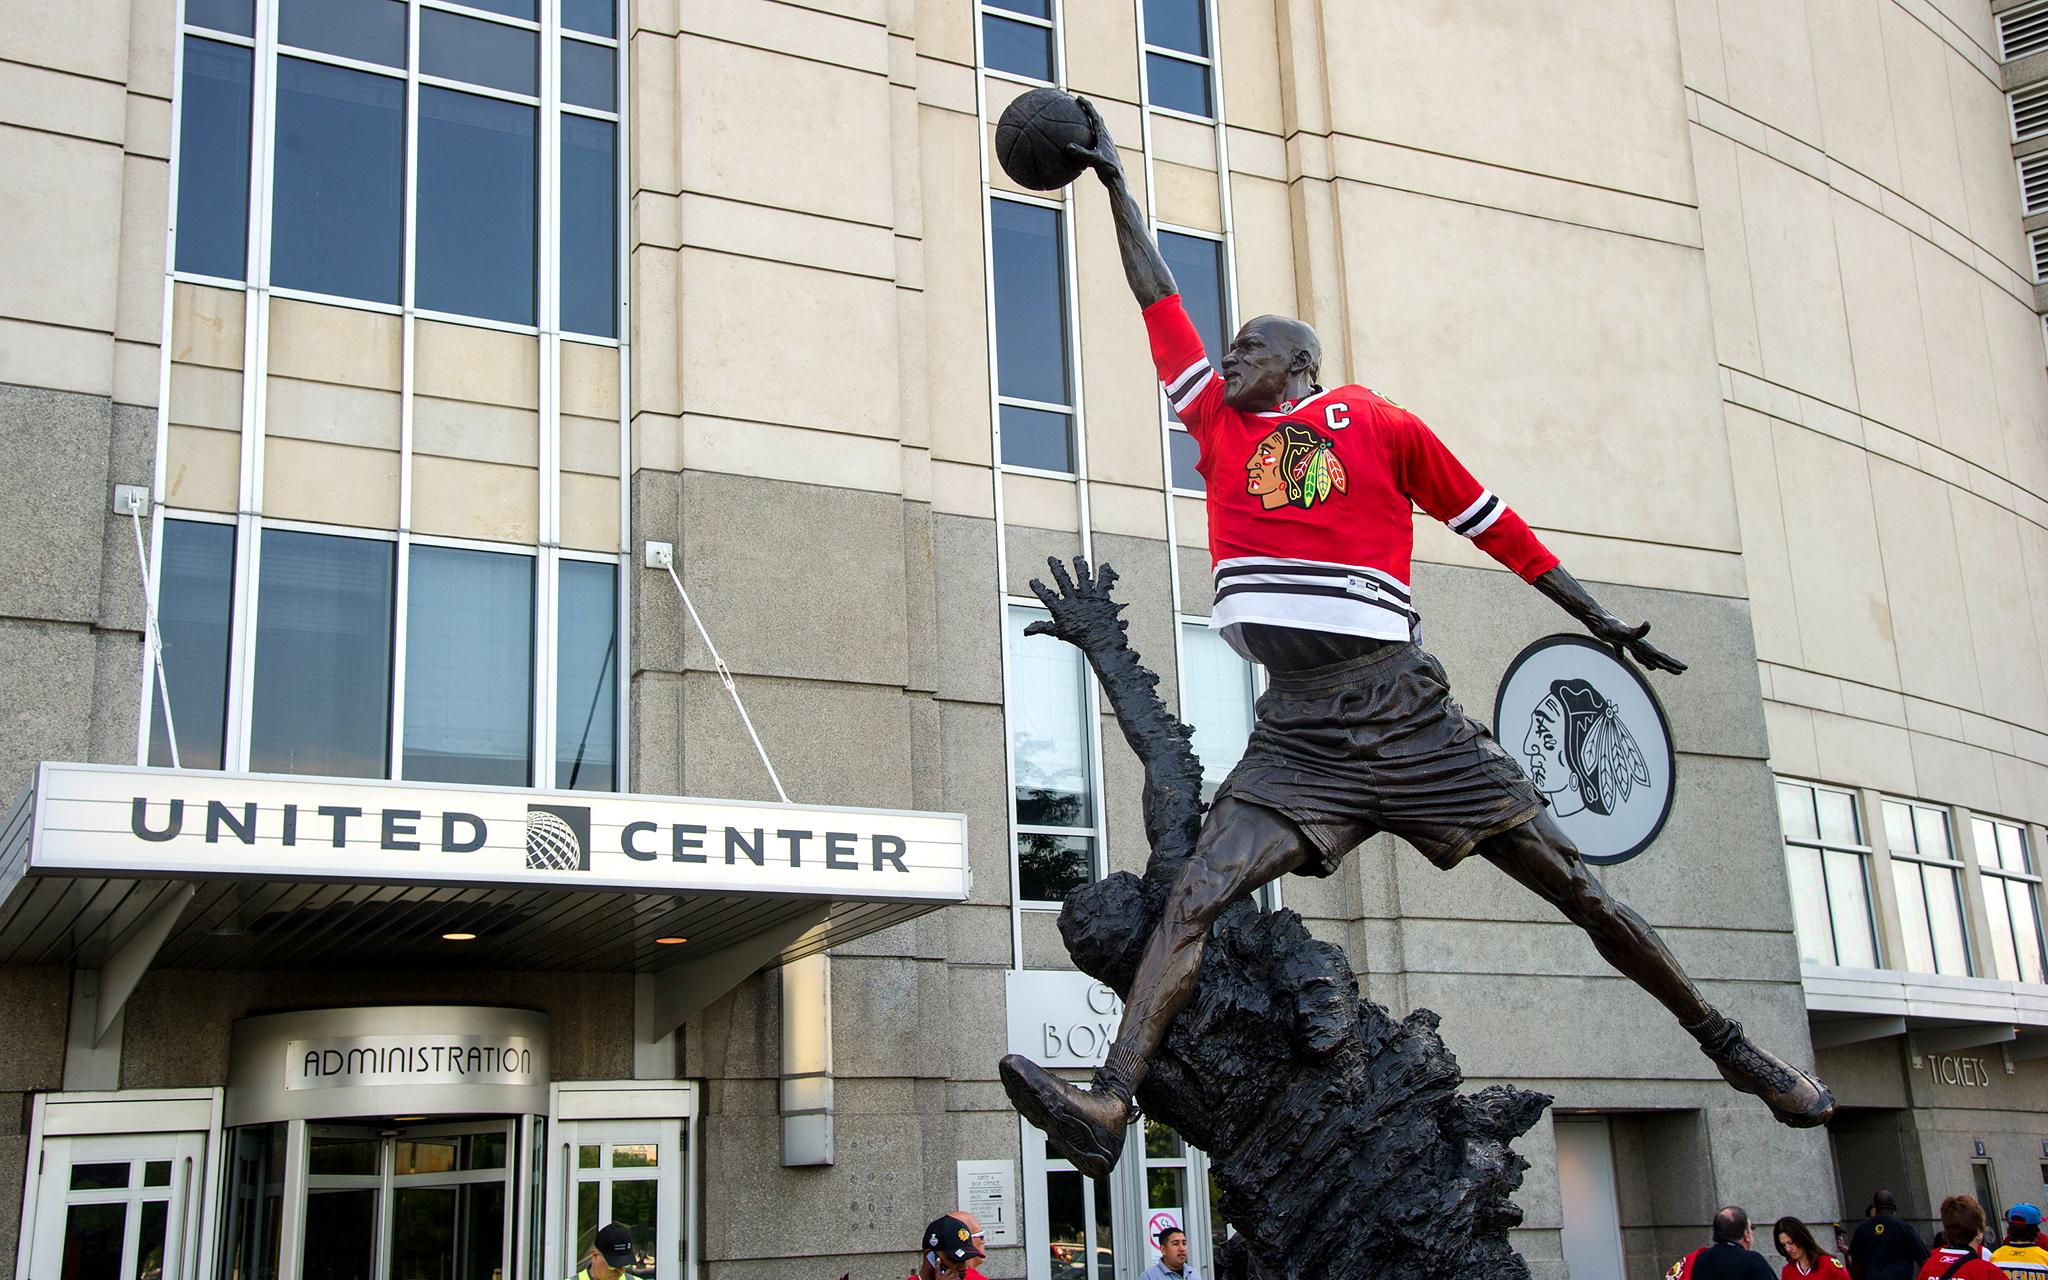 Michael Jordan, Blackhawks fan